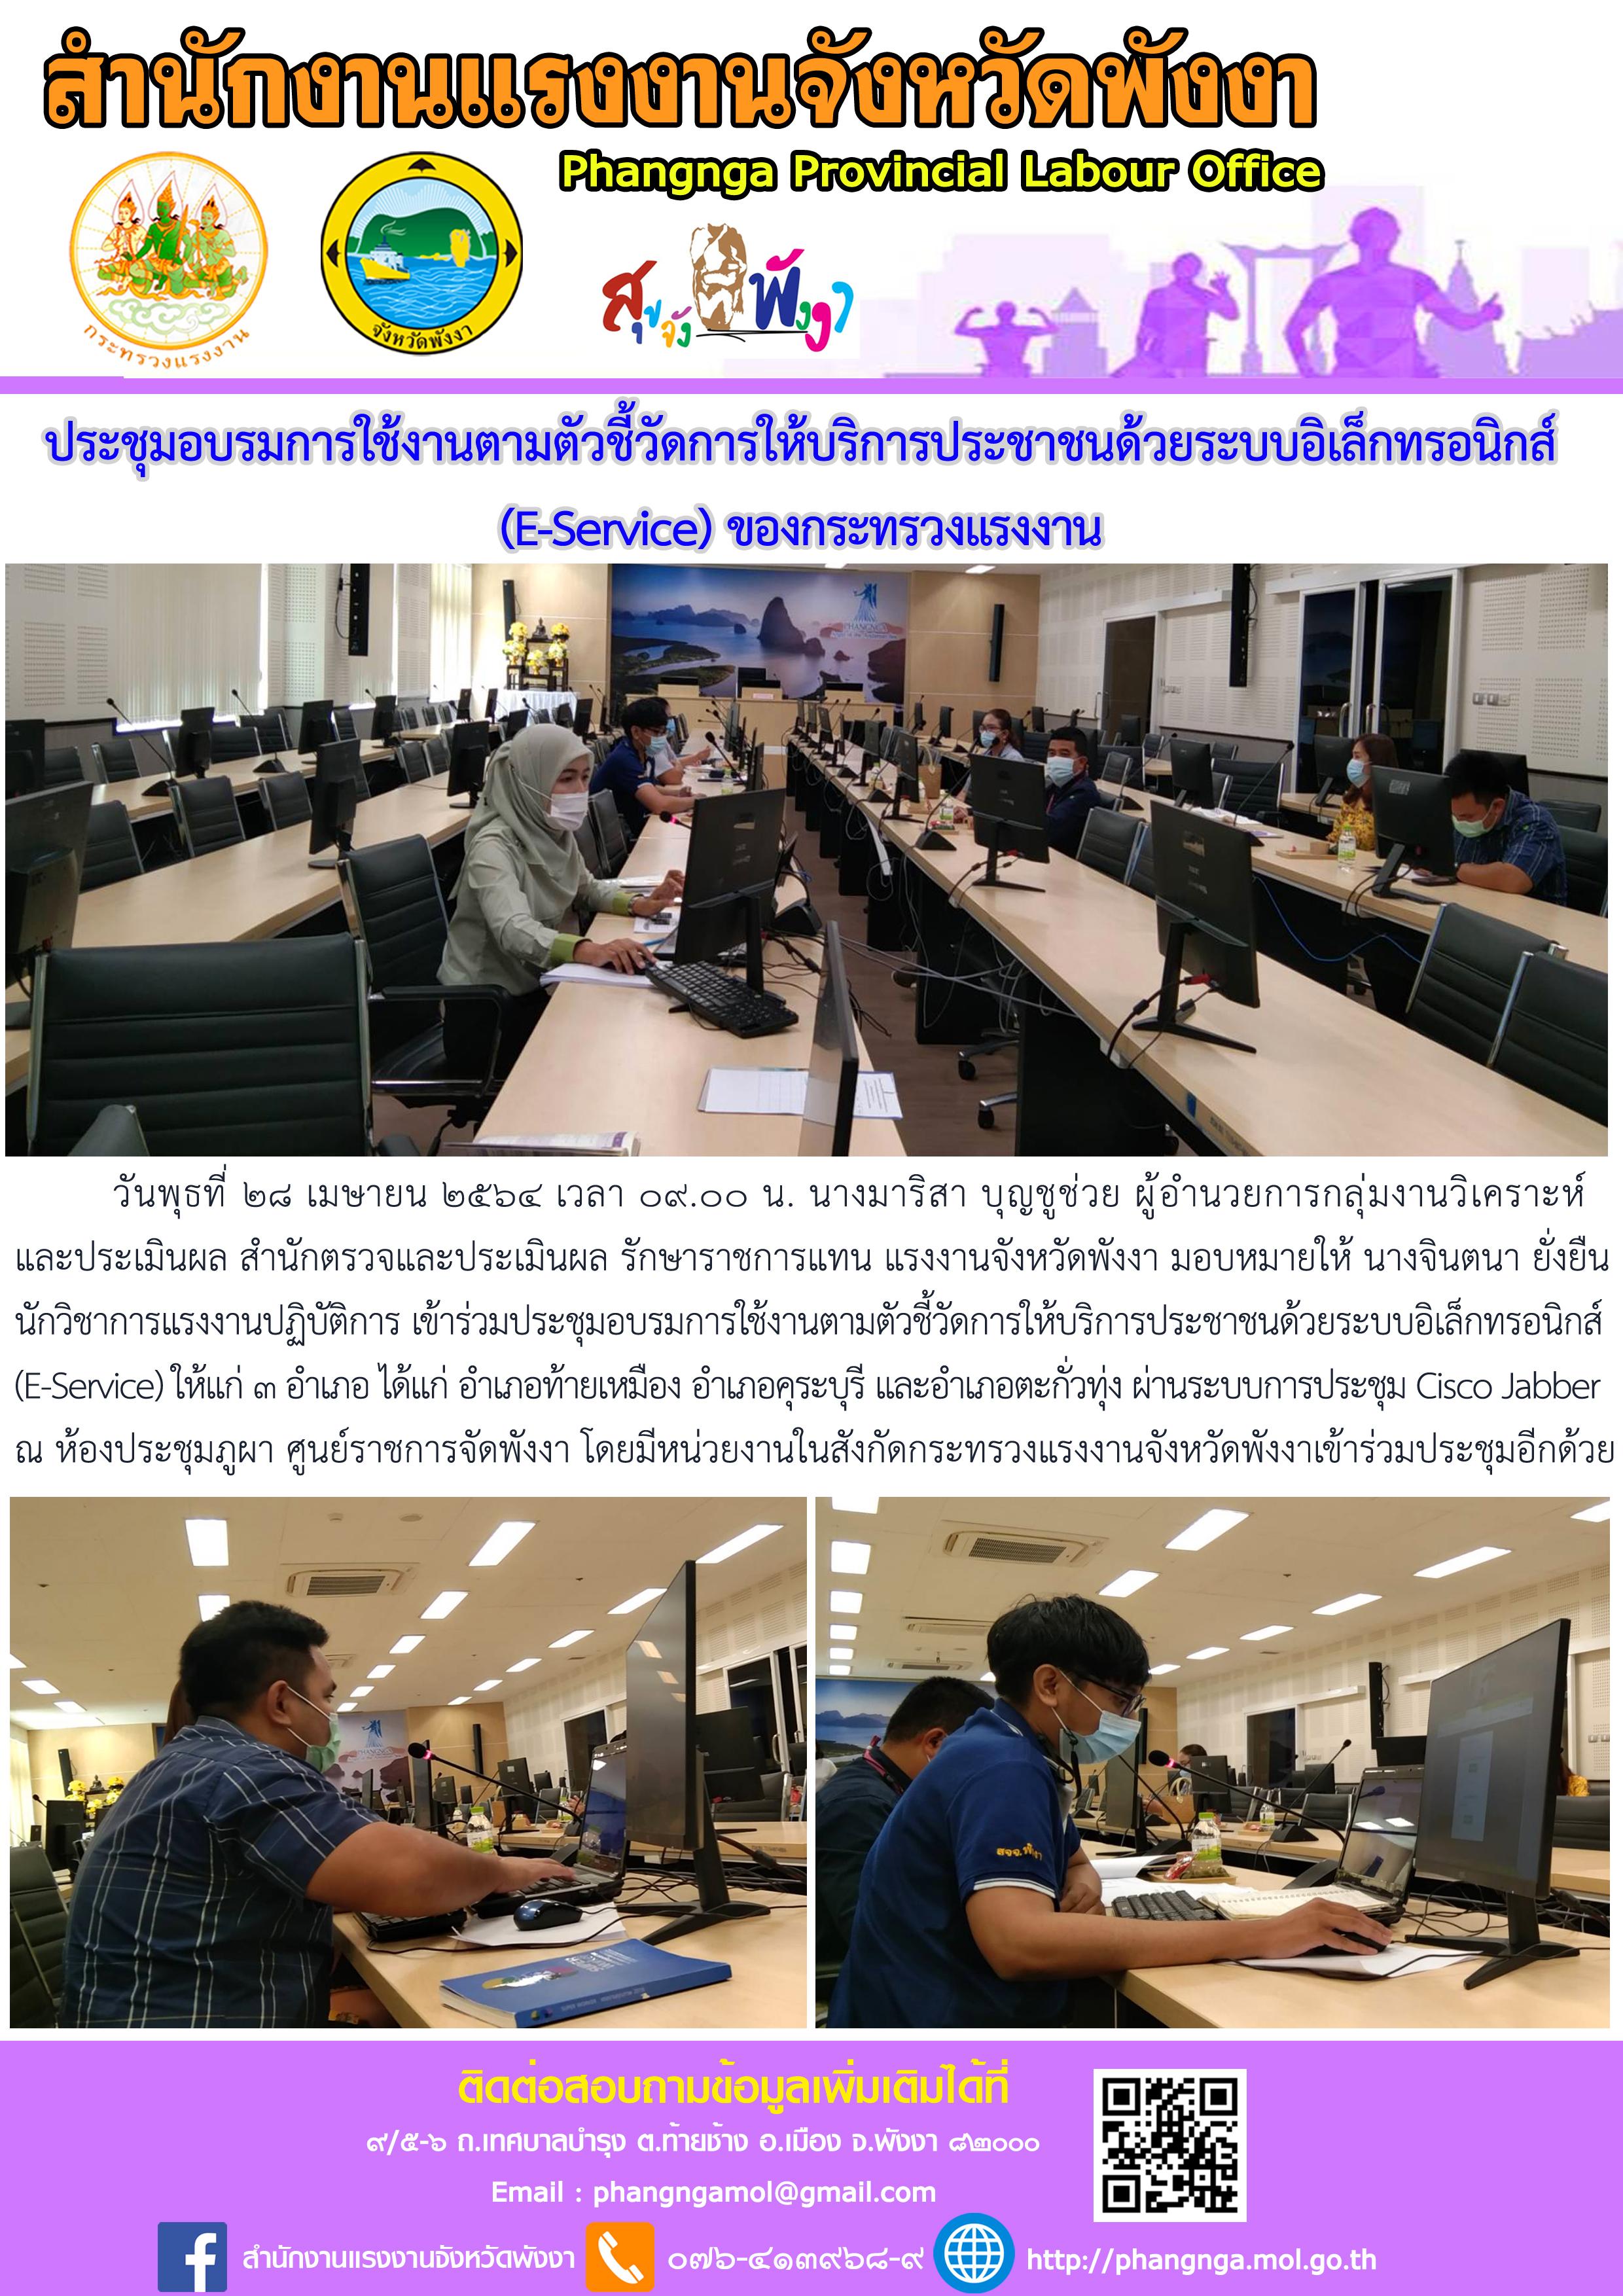 ประชุมอบรมการใช้งานตามตัวชี้วัดการให้บริการประชาชนด้วยระบบอิเล็กทรอนิกส์ (E-Service) กระทรวงแรงงาน